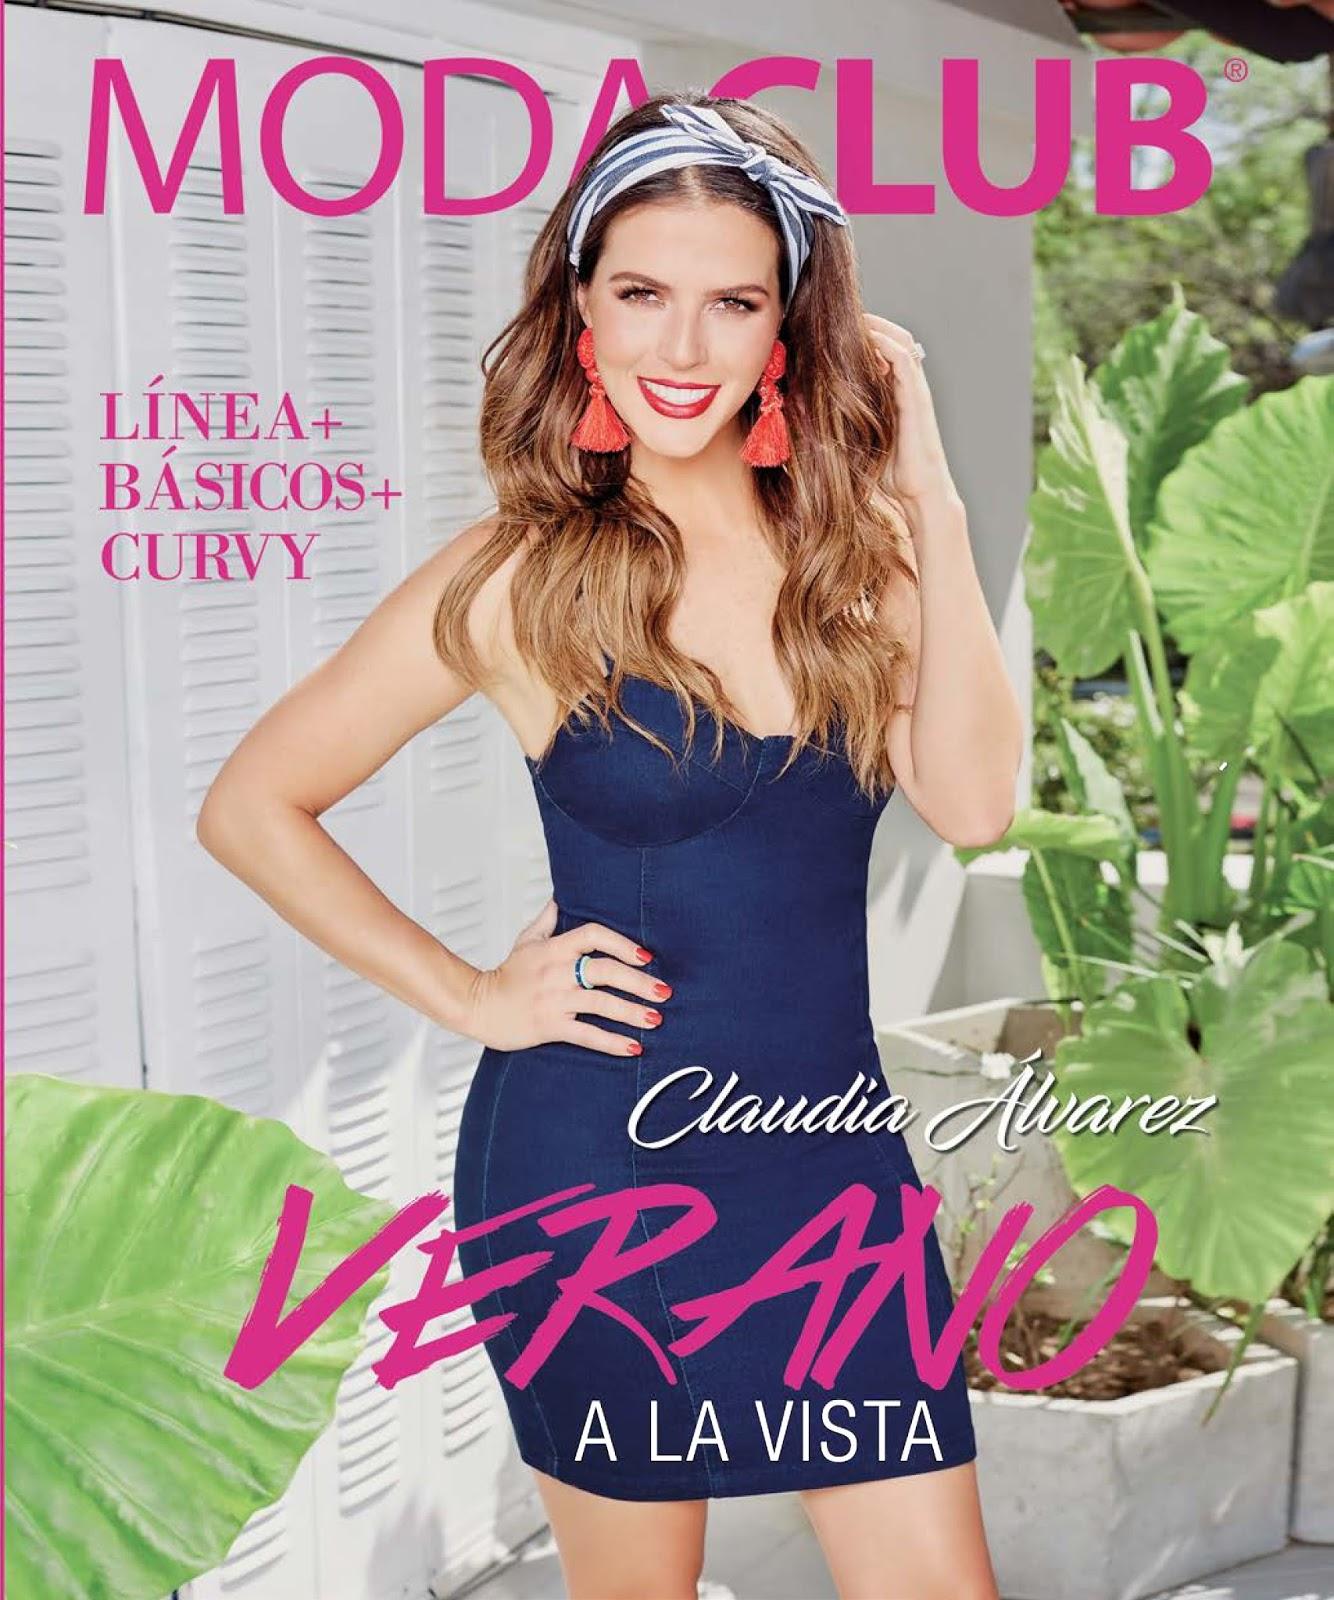 549ac40db90 Nuevo catálogo de Verano de ModaClub 2017